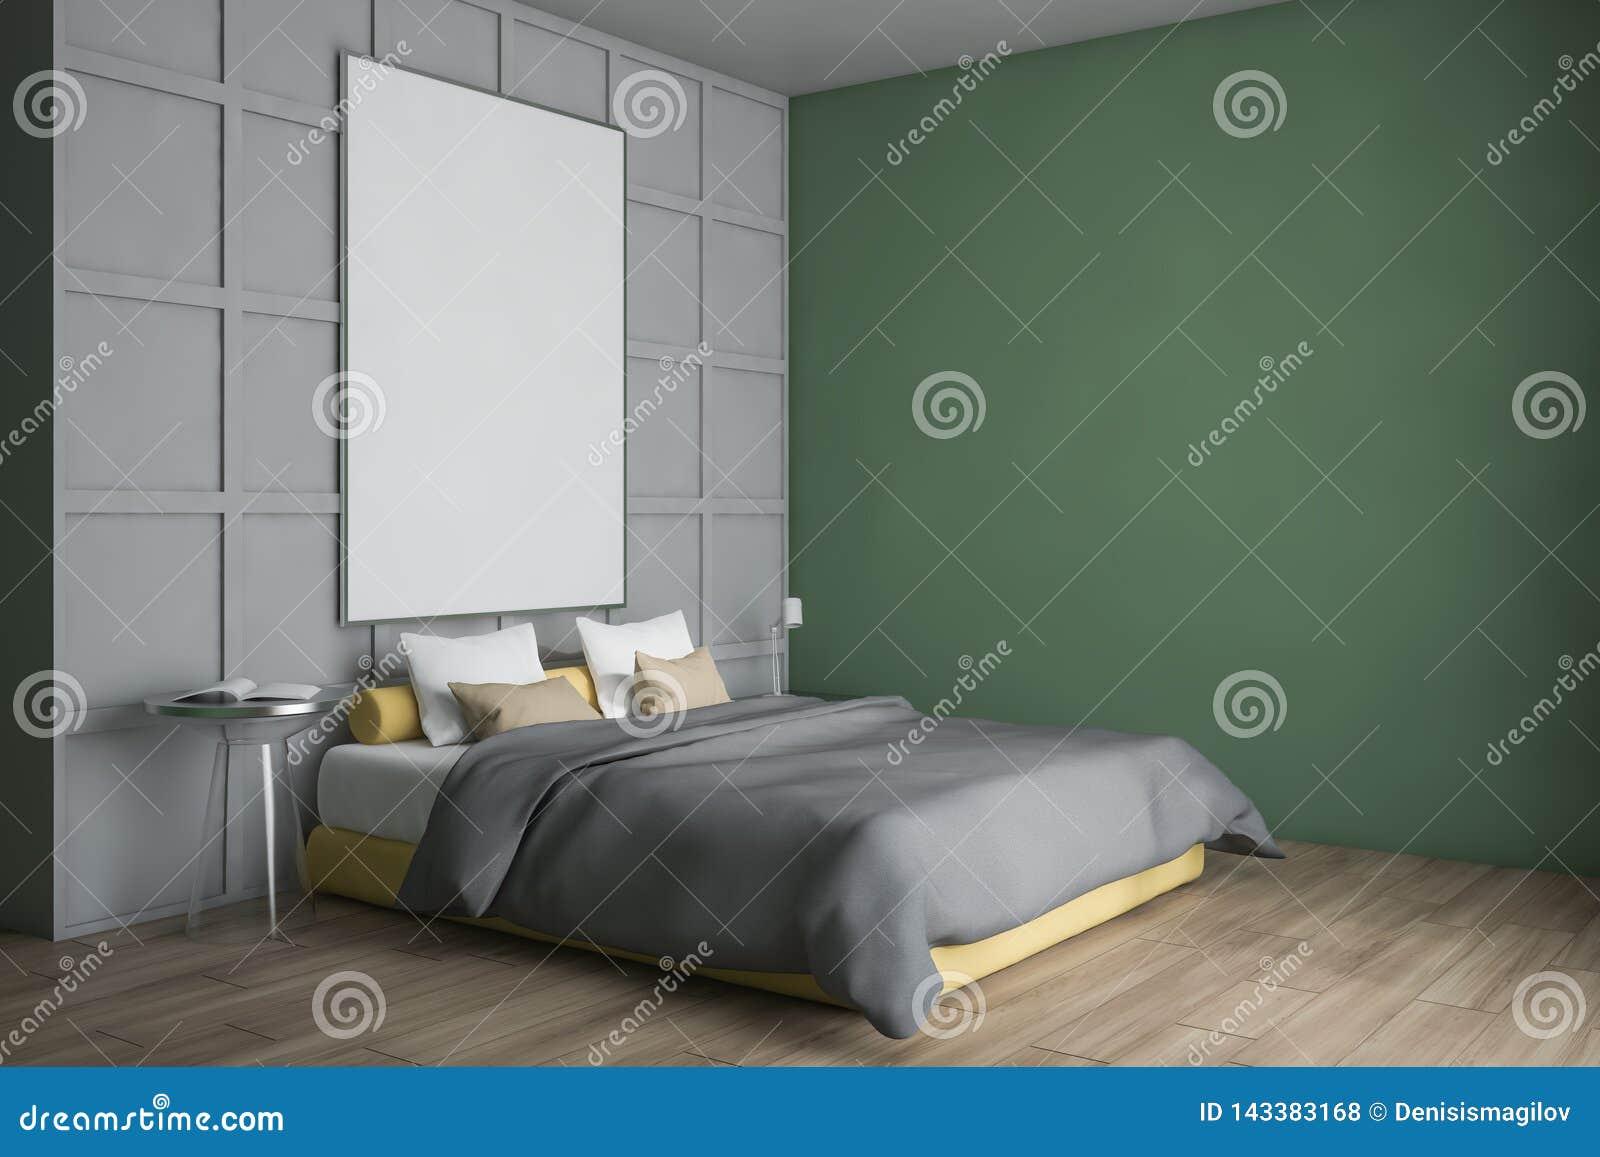 现代设计卧室内部 海报的嘲笑